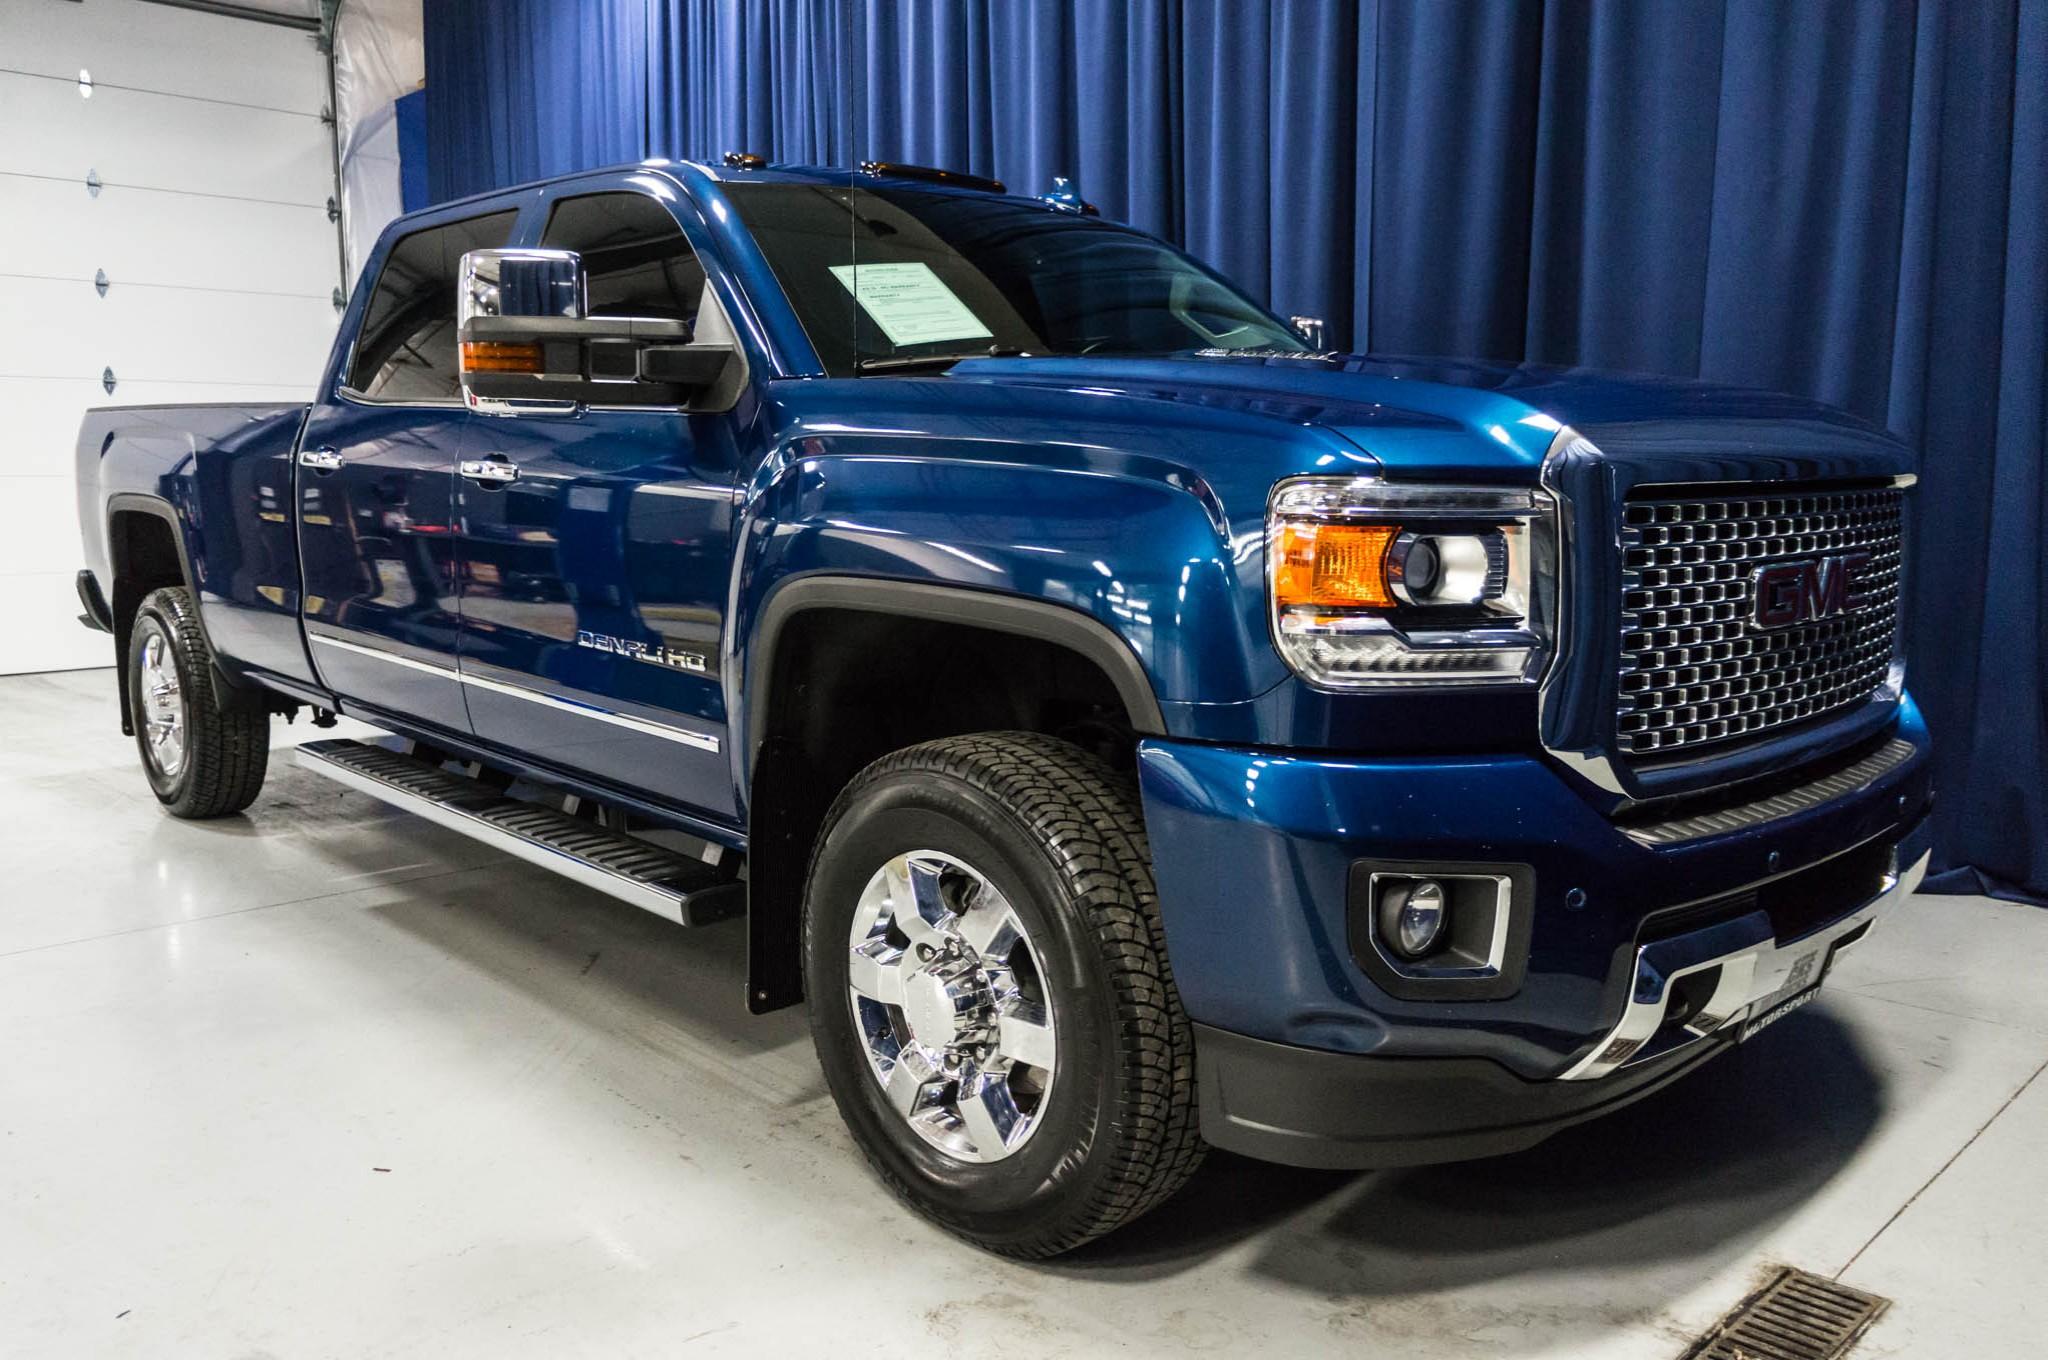 Used 2015 GMC Sierra 3500 Denali 4x4 Diesel Truck For Sale